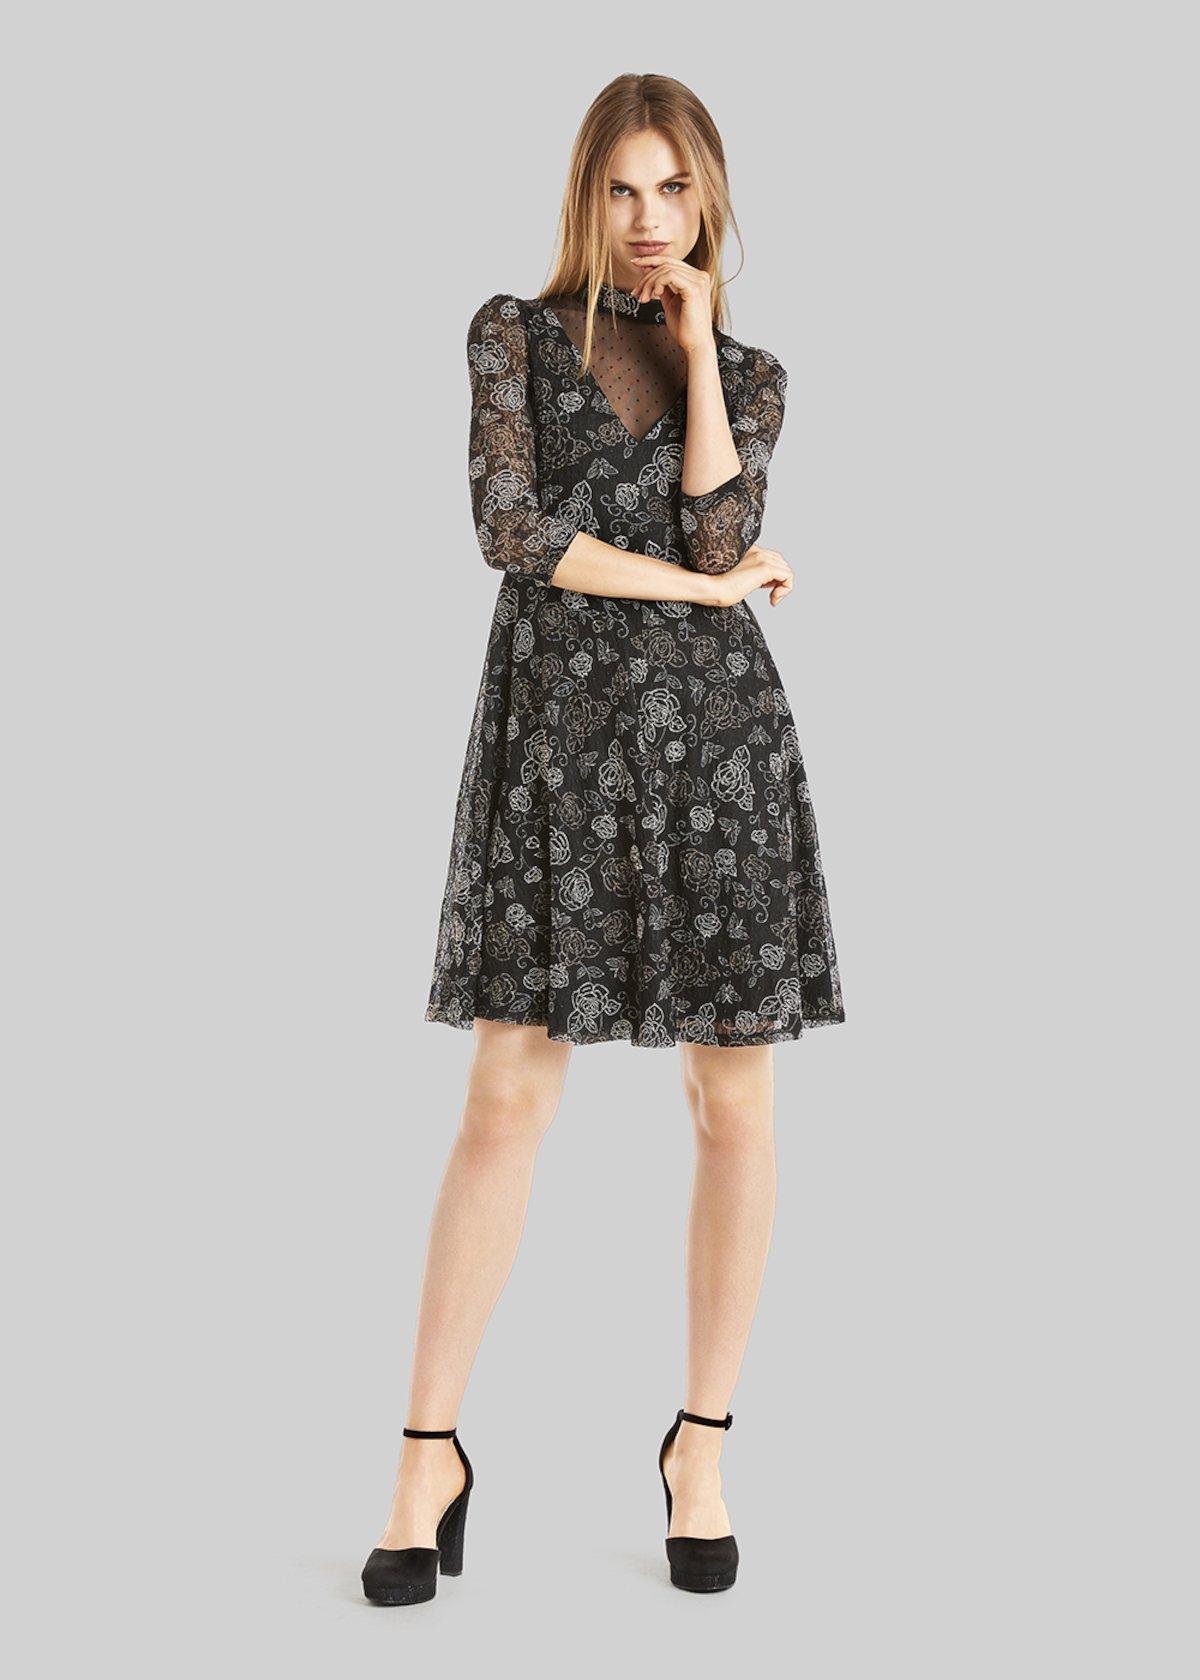 Abito Alex in roses lace fabric - Black / Garlic  Fantasia - Donna